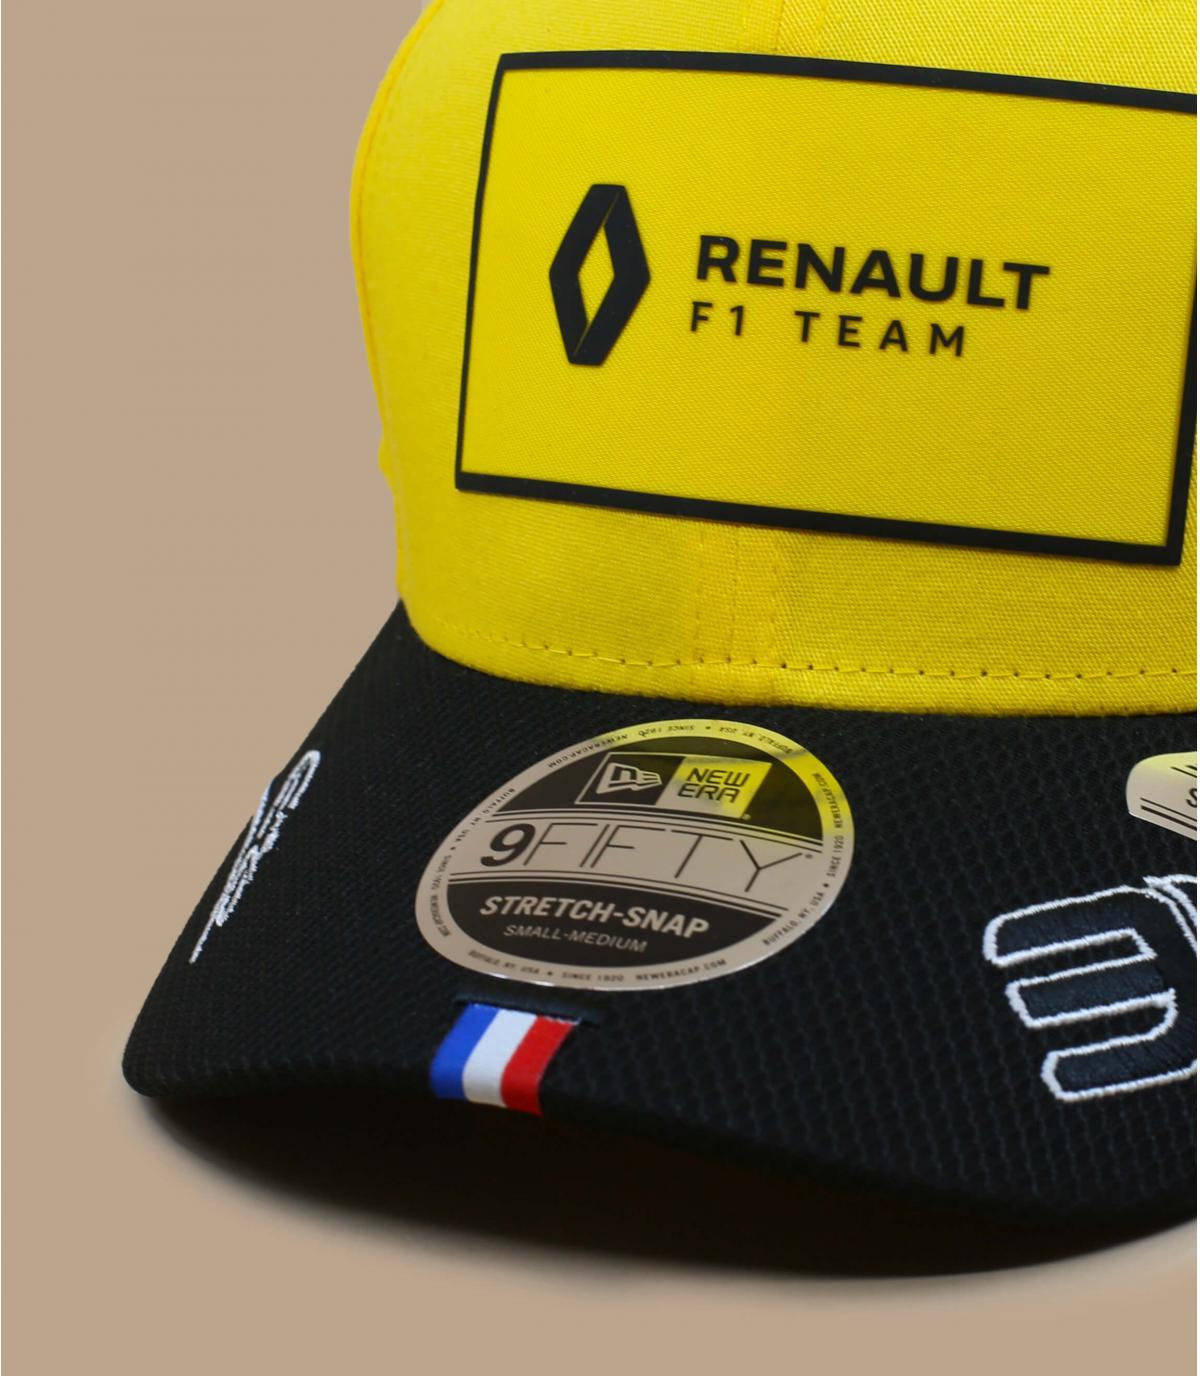 Détails Esteban Ocon Renault 950 Stretch - image 2